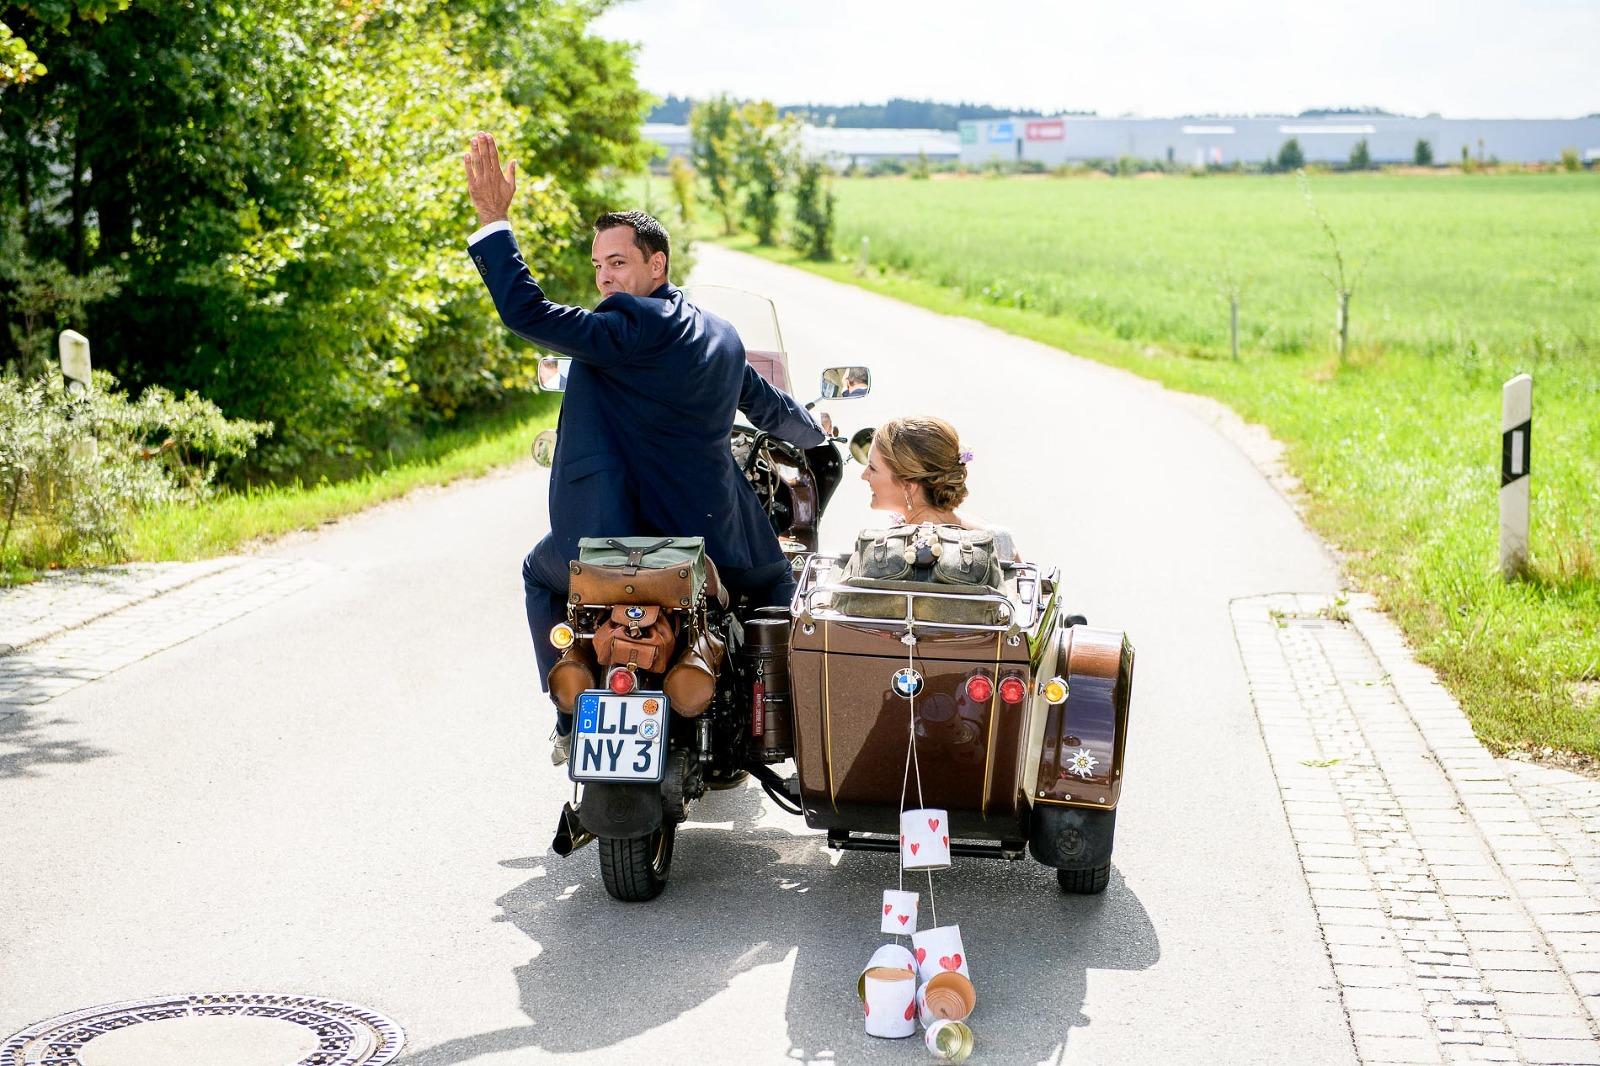 Fotograf München Hochzeit, Brautpaar auf Motorrad mit Seitenwagen und just married Blechdosen